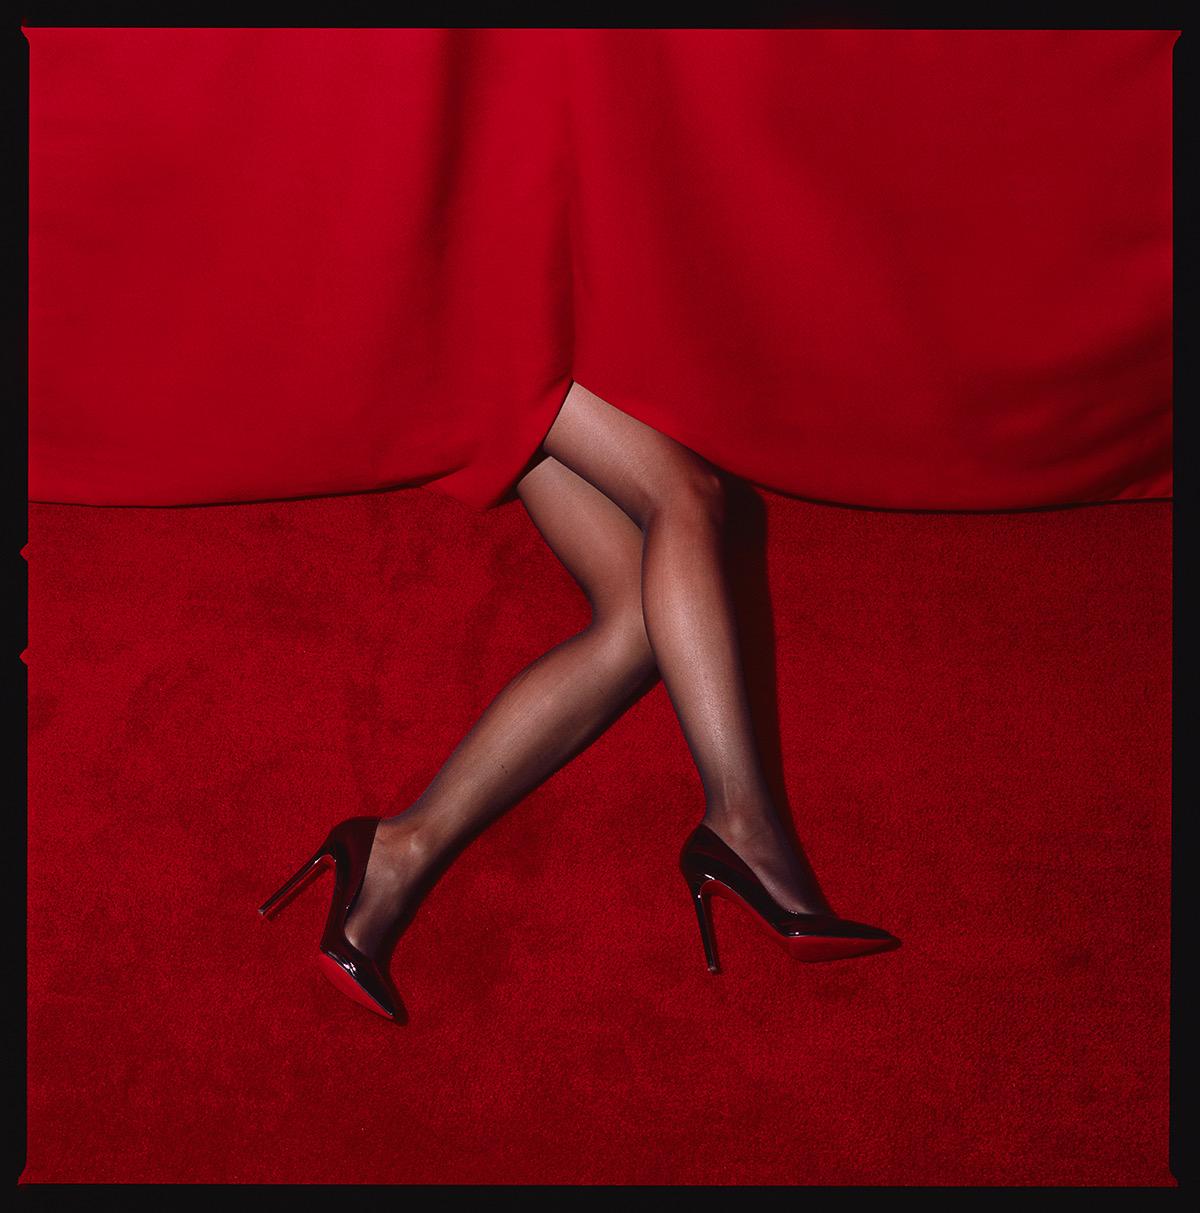 Red Legs by Tyler Shields